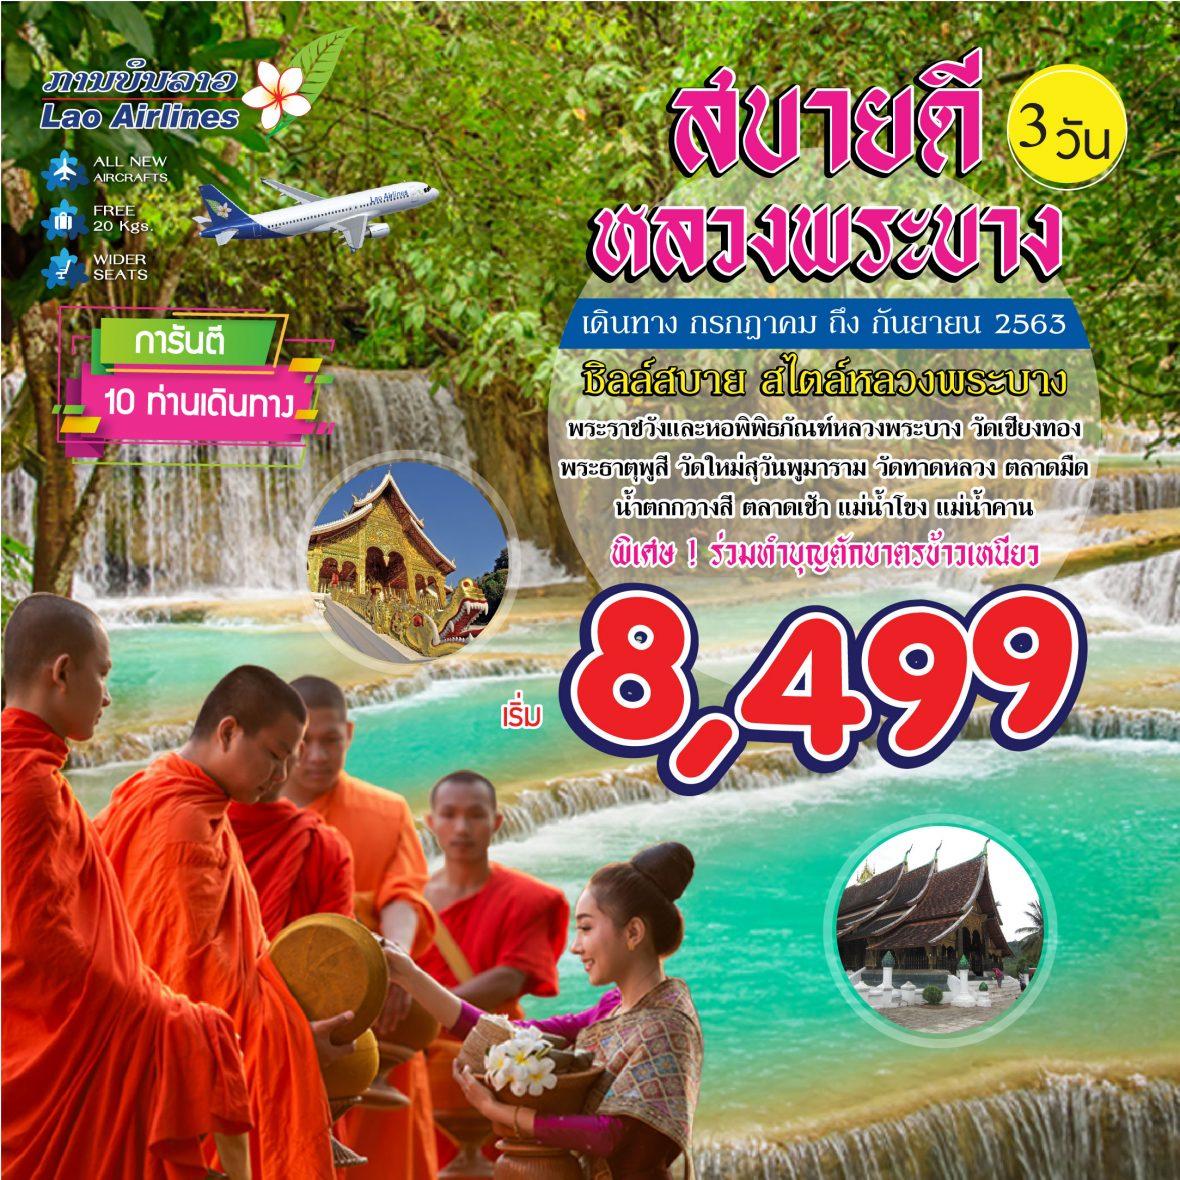 Sabaidee Luang Prabang_3D_Jul-Sep20 1040-01